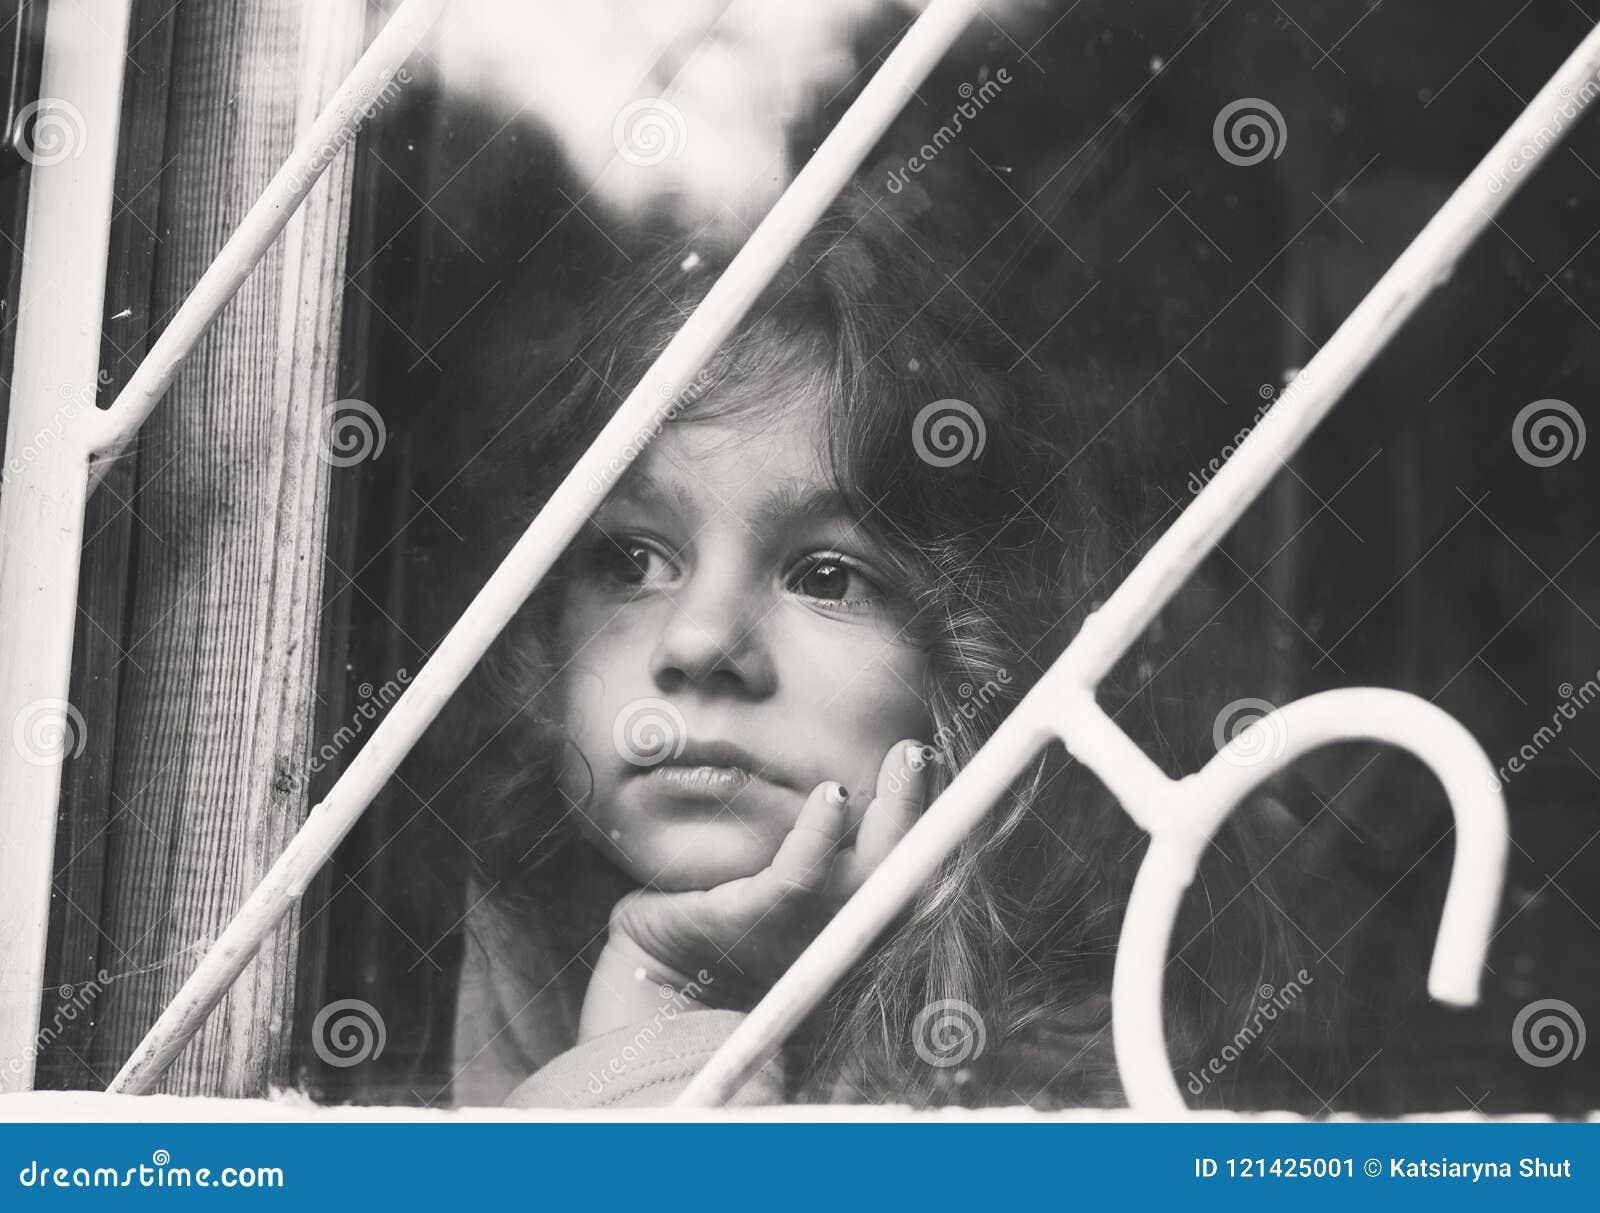 Black And White Portrait Of Sad Little Girl Looks Through Window Stock Image Image Of Glance Hopeful 121425001